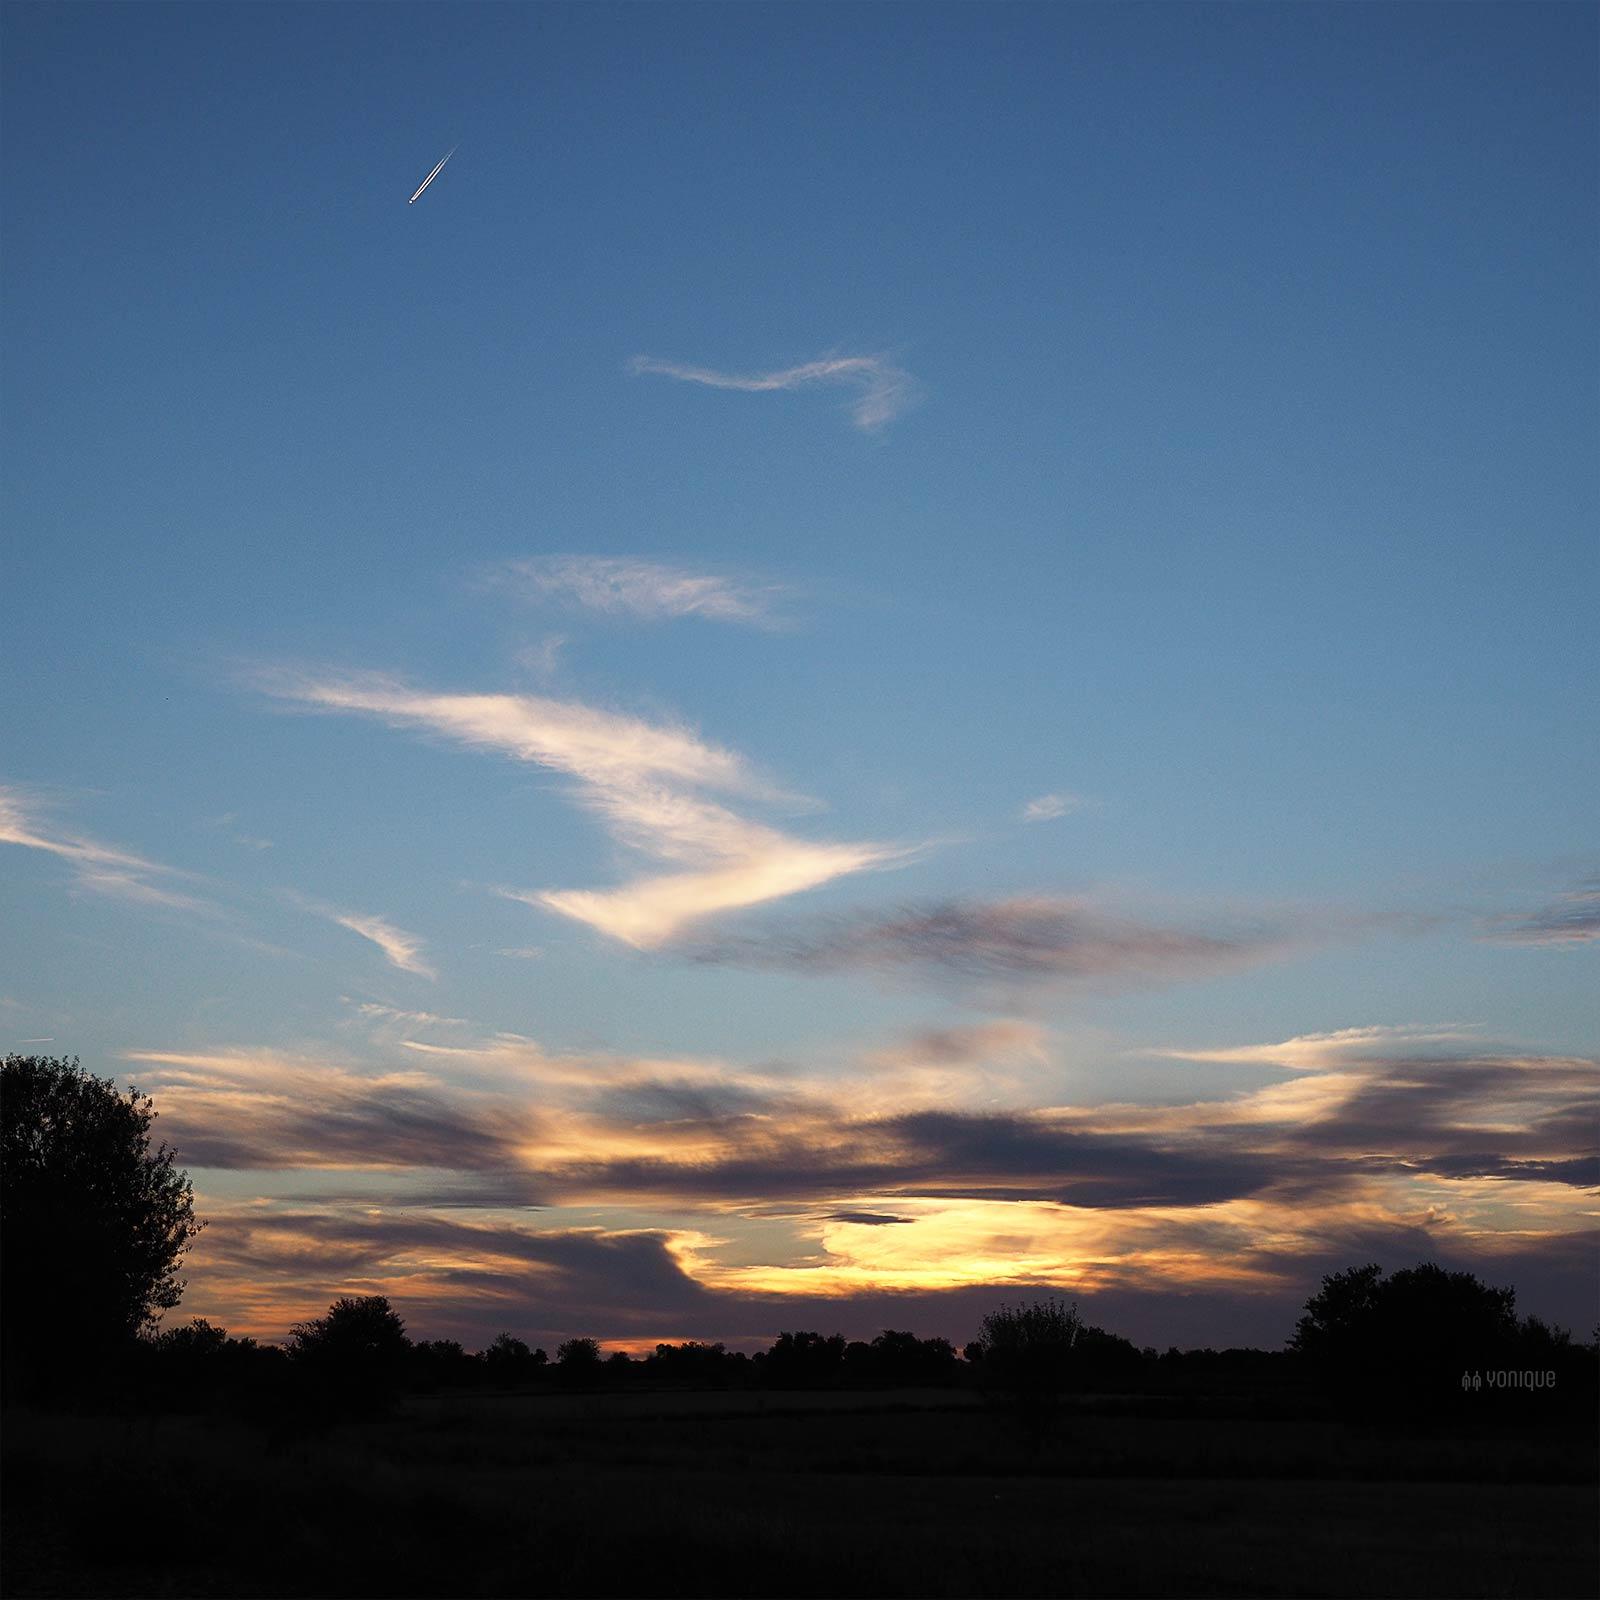 ciel-lune-moisson-septembre-valladolid-cigales-spain-yoniquenews